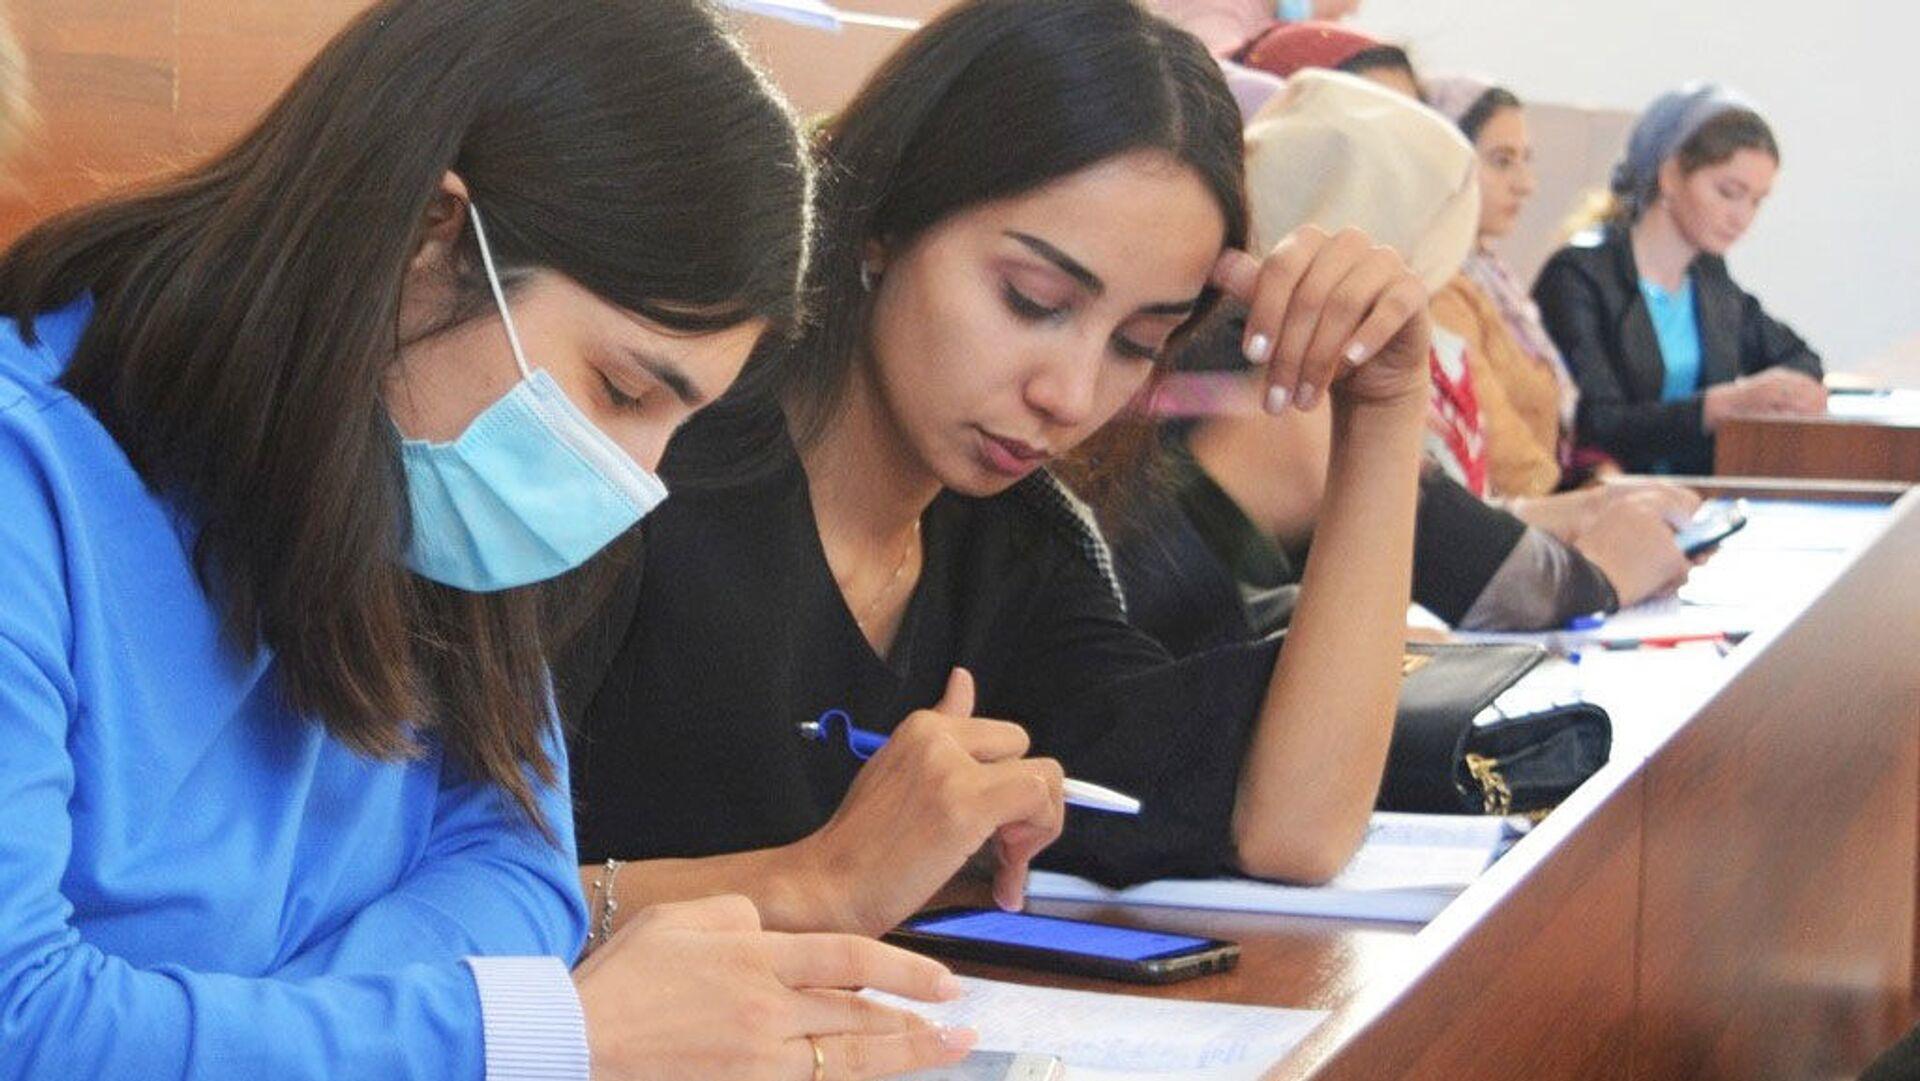 Представительство Россотрудничества в Таджикистане организовало «Большой этнографический диктант»  - Sputnik Таджикистан, 1920, 04.08.2021